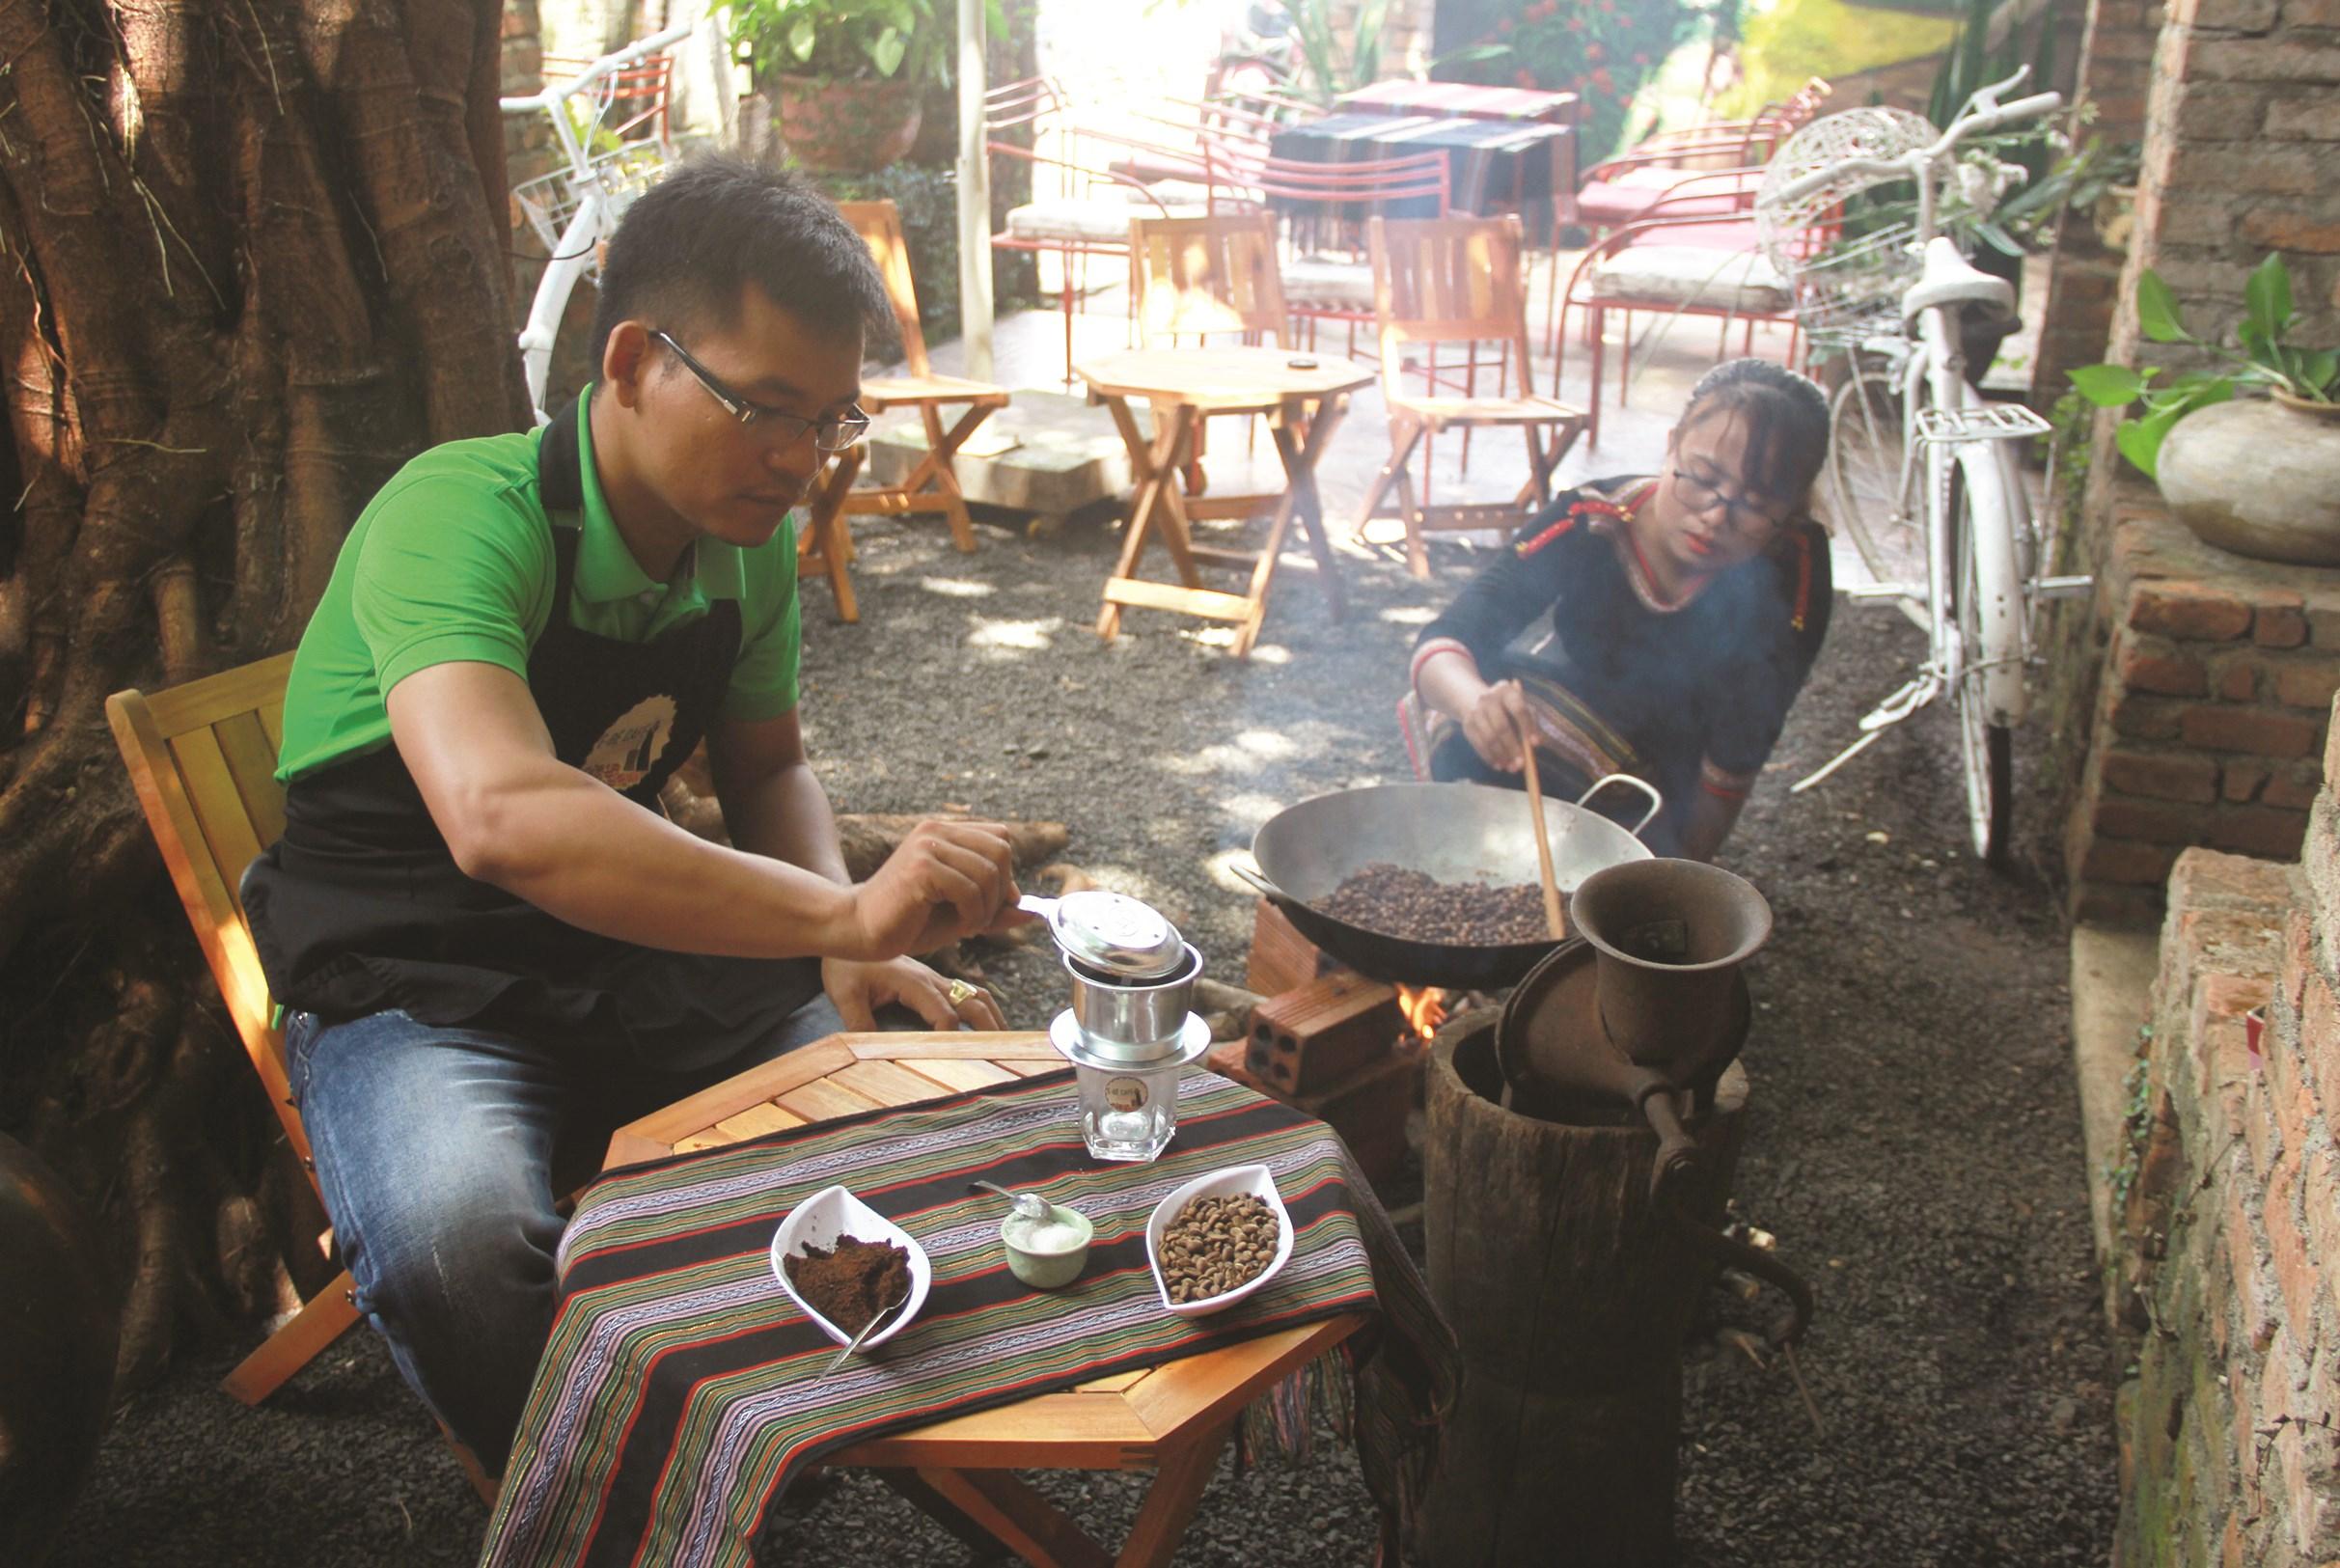 Y Pốt (bìa trái) học được cách pha chế truyền thống để giữ hương vị cà phê nguyên chất